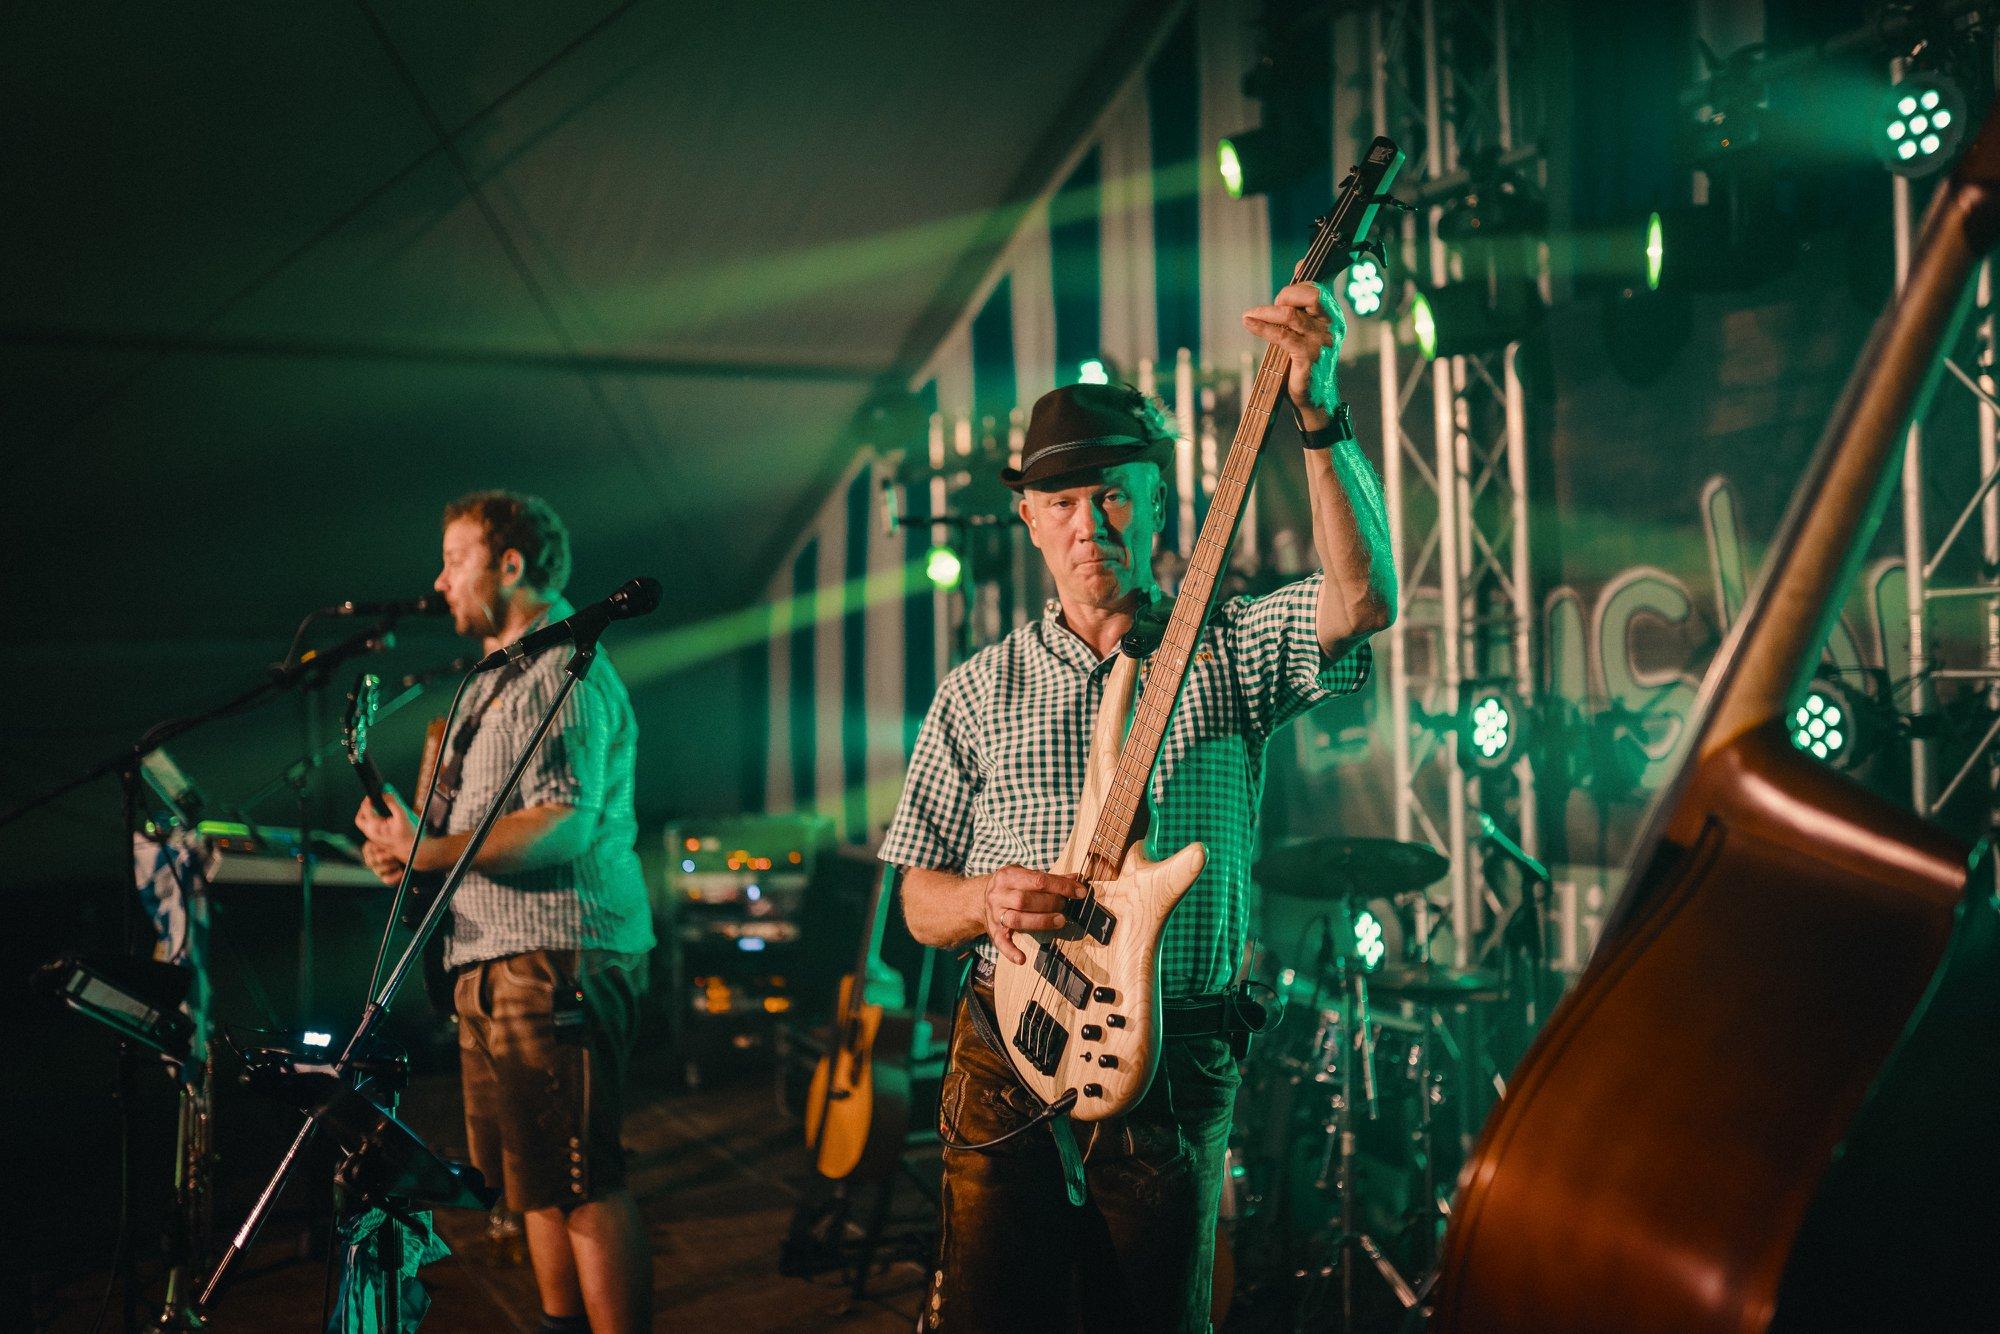 volksfestband auf der Bühne